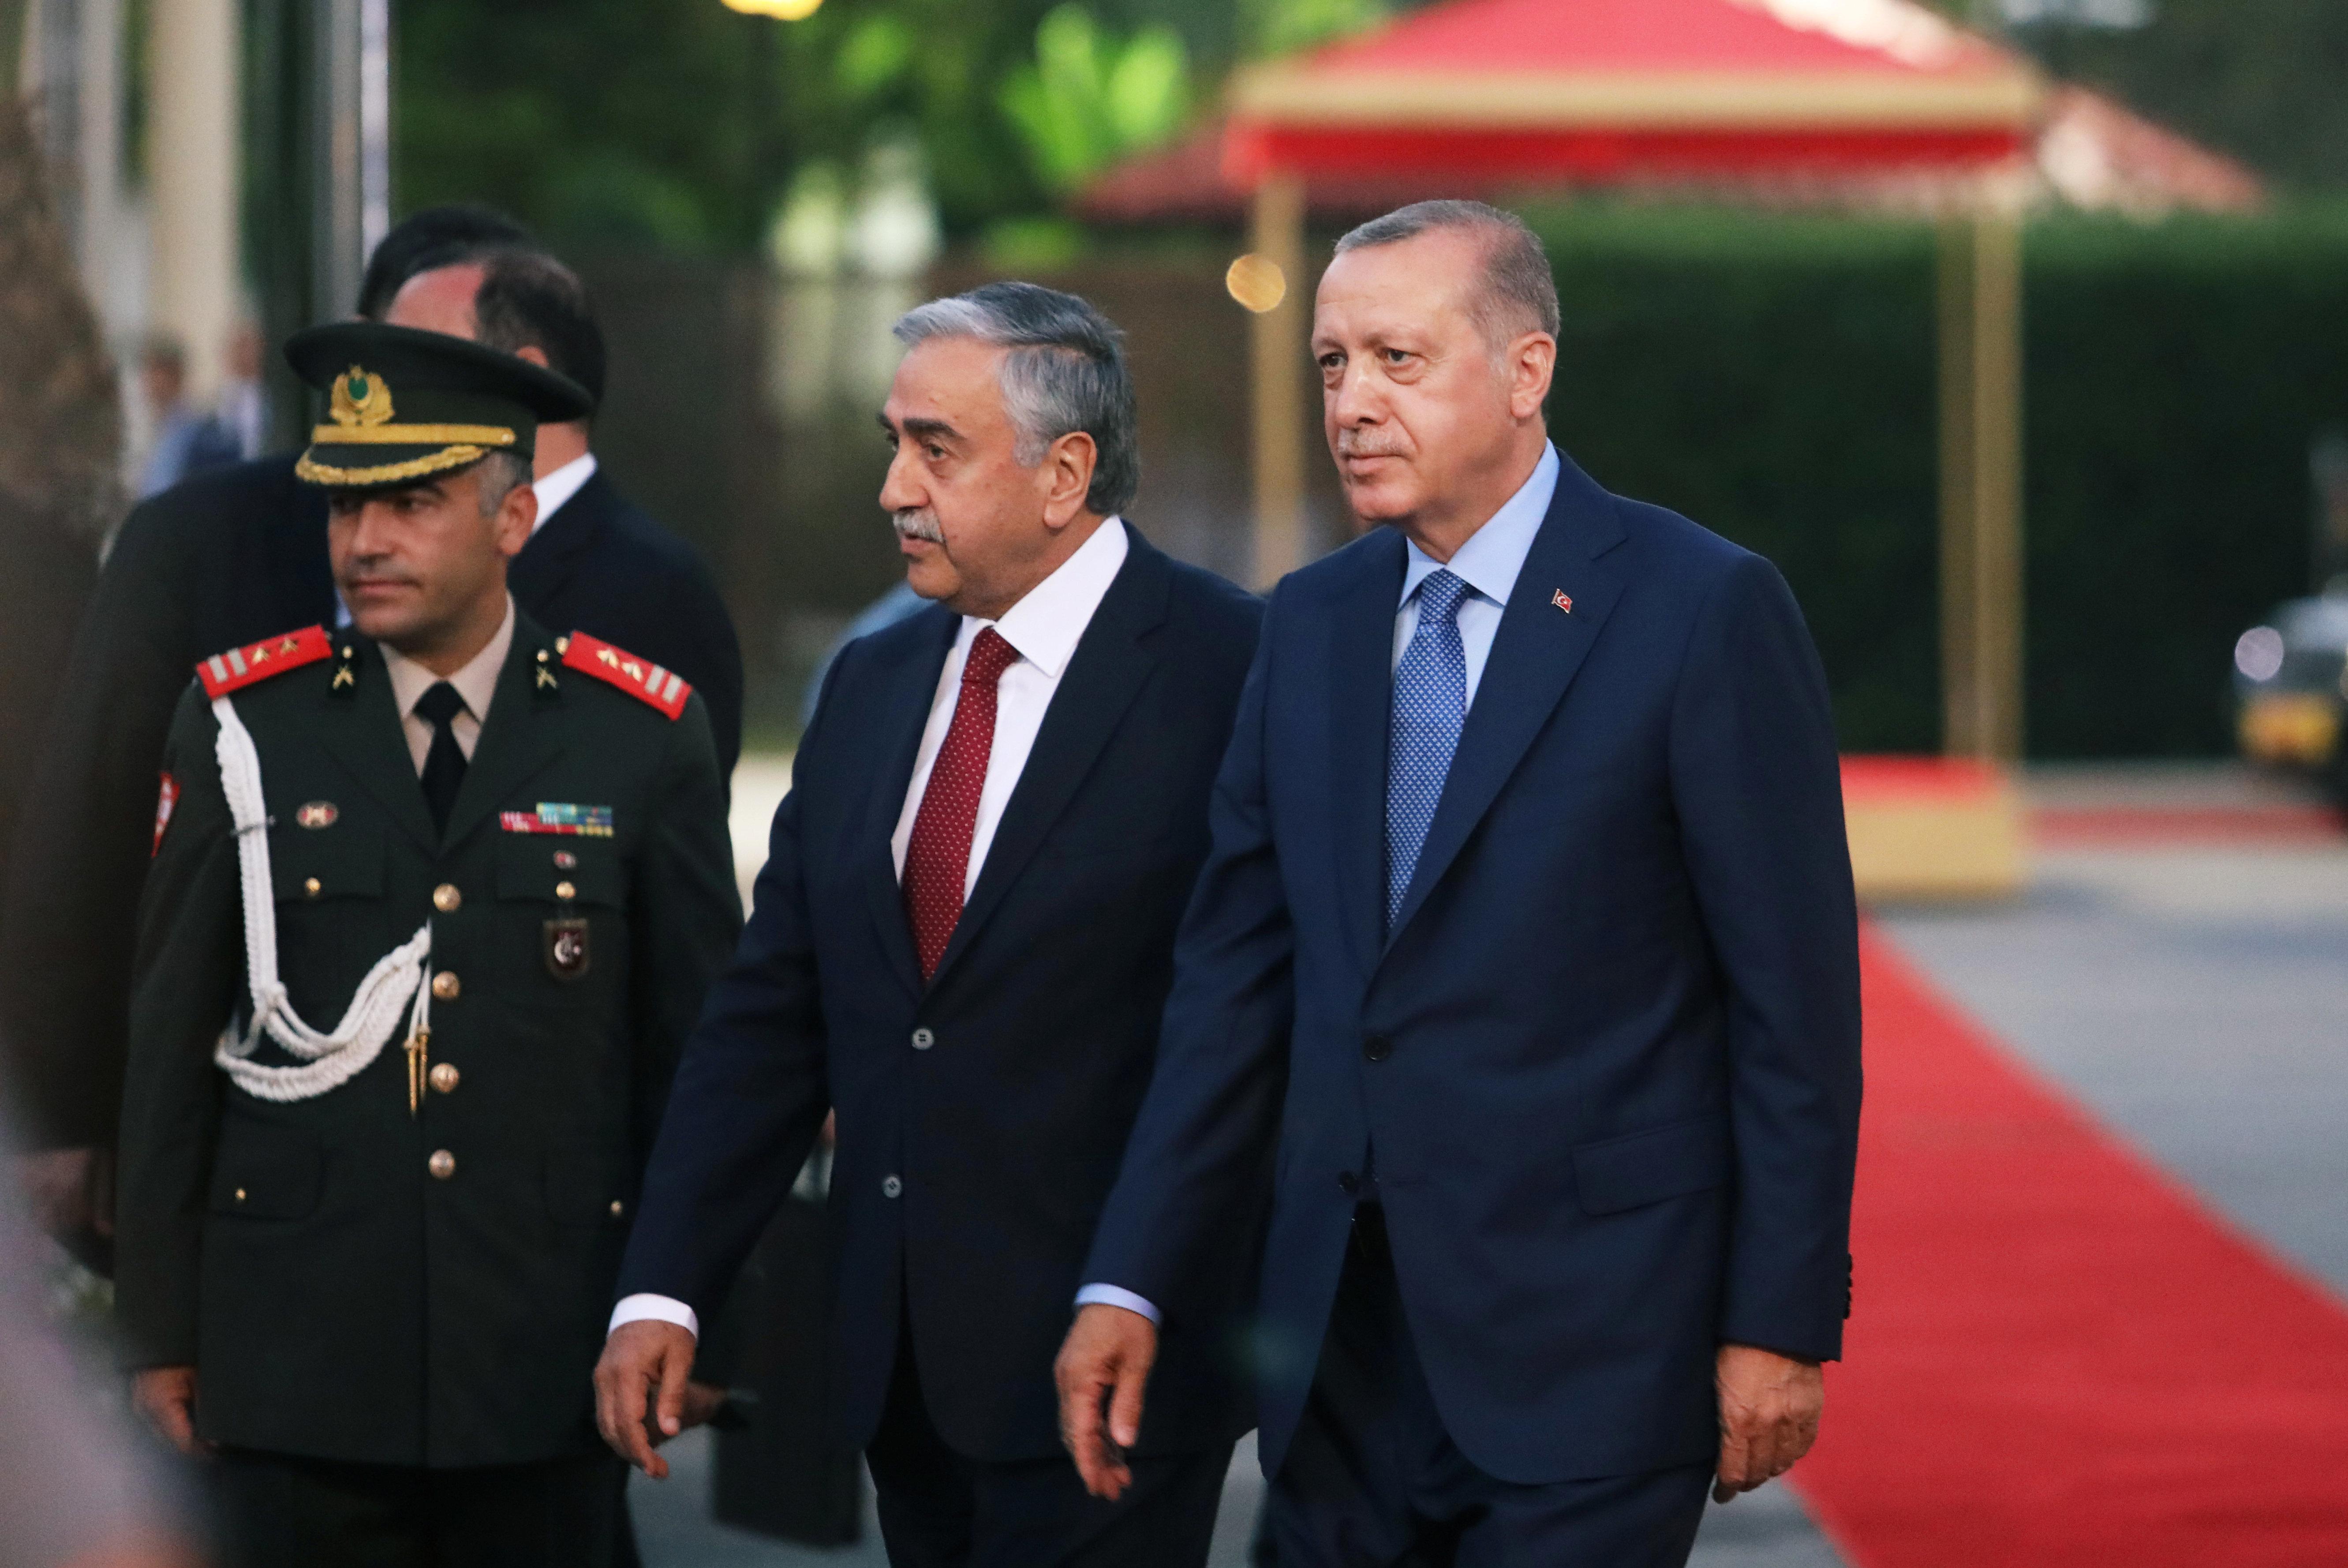 Ερντογάν στα κατεχόμενα: Επανάληψη των τουρκικών θέσεων οι δηλώσεις με Ακιντζί μετά τη